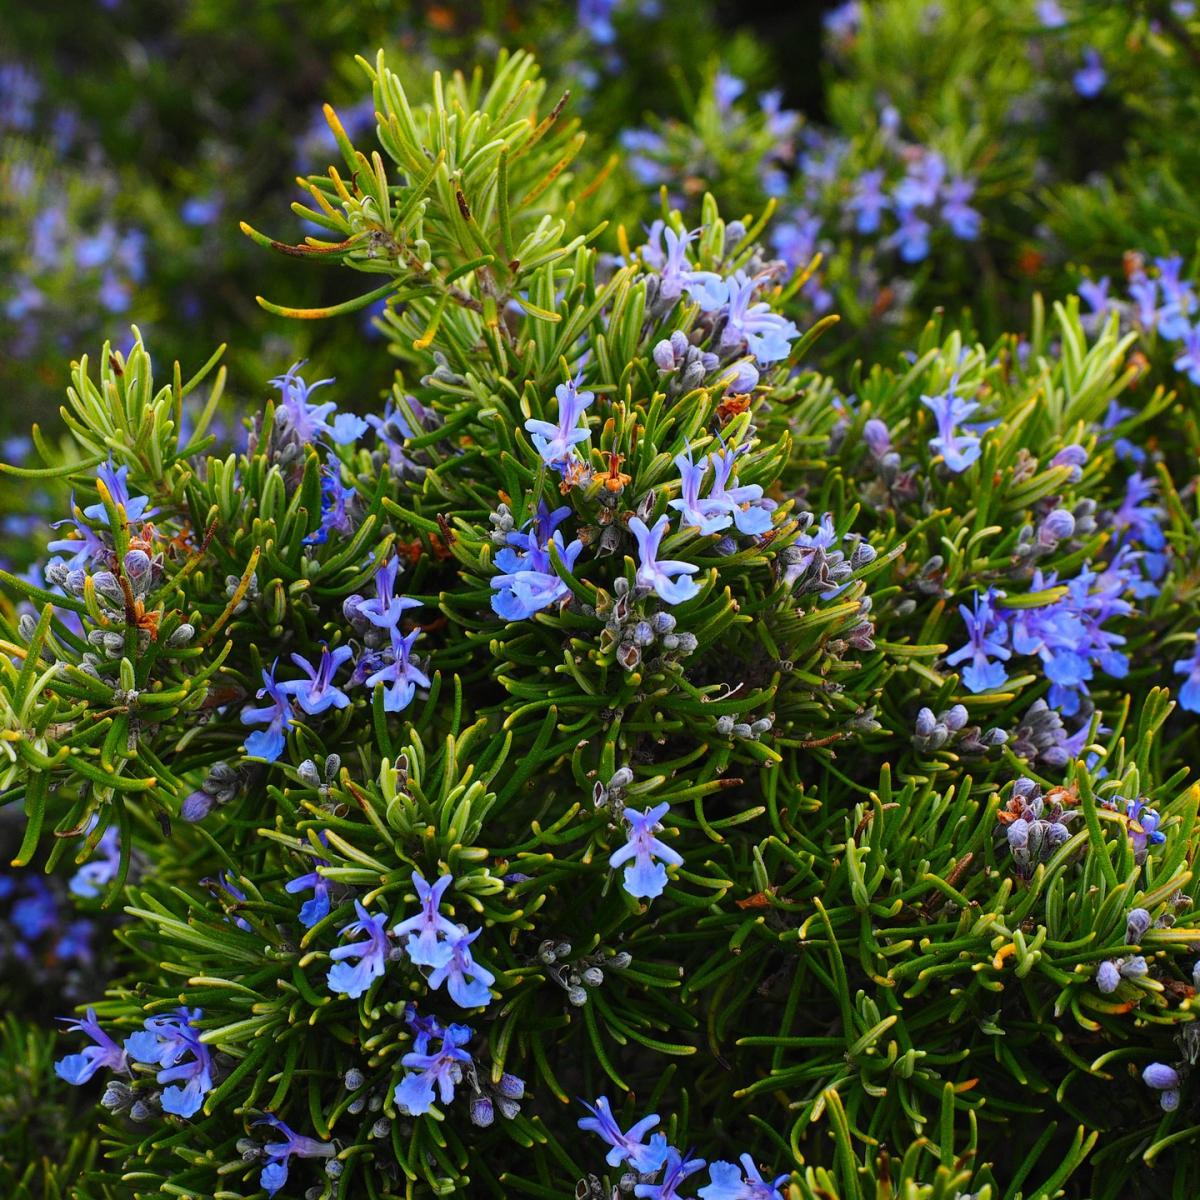 ローズマリー精油の効果効能とおすすめの使い方、相性の良い香り